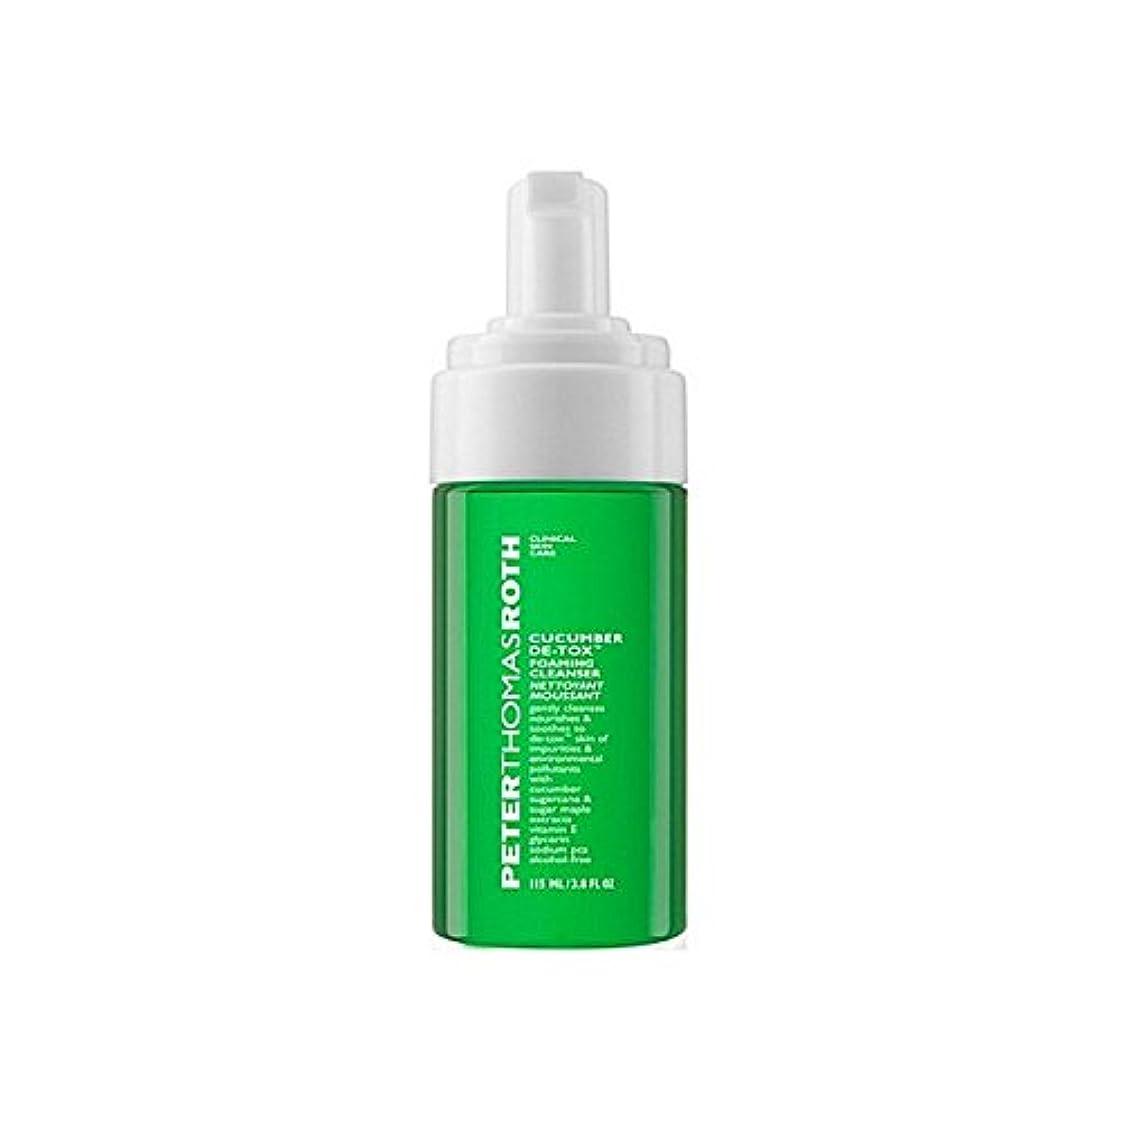 名前を作るロックスーダンピータートーマスロスキュウリデ発泡クレンザー x4 - Peter Thomas Roth Cucumber De-Tox Foaming Cleanser (Pack of 4) [並行輸入品]